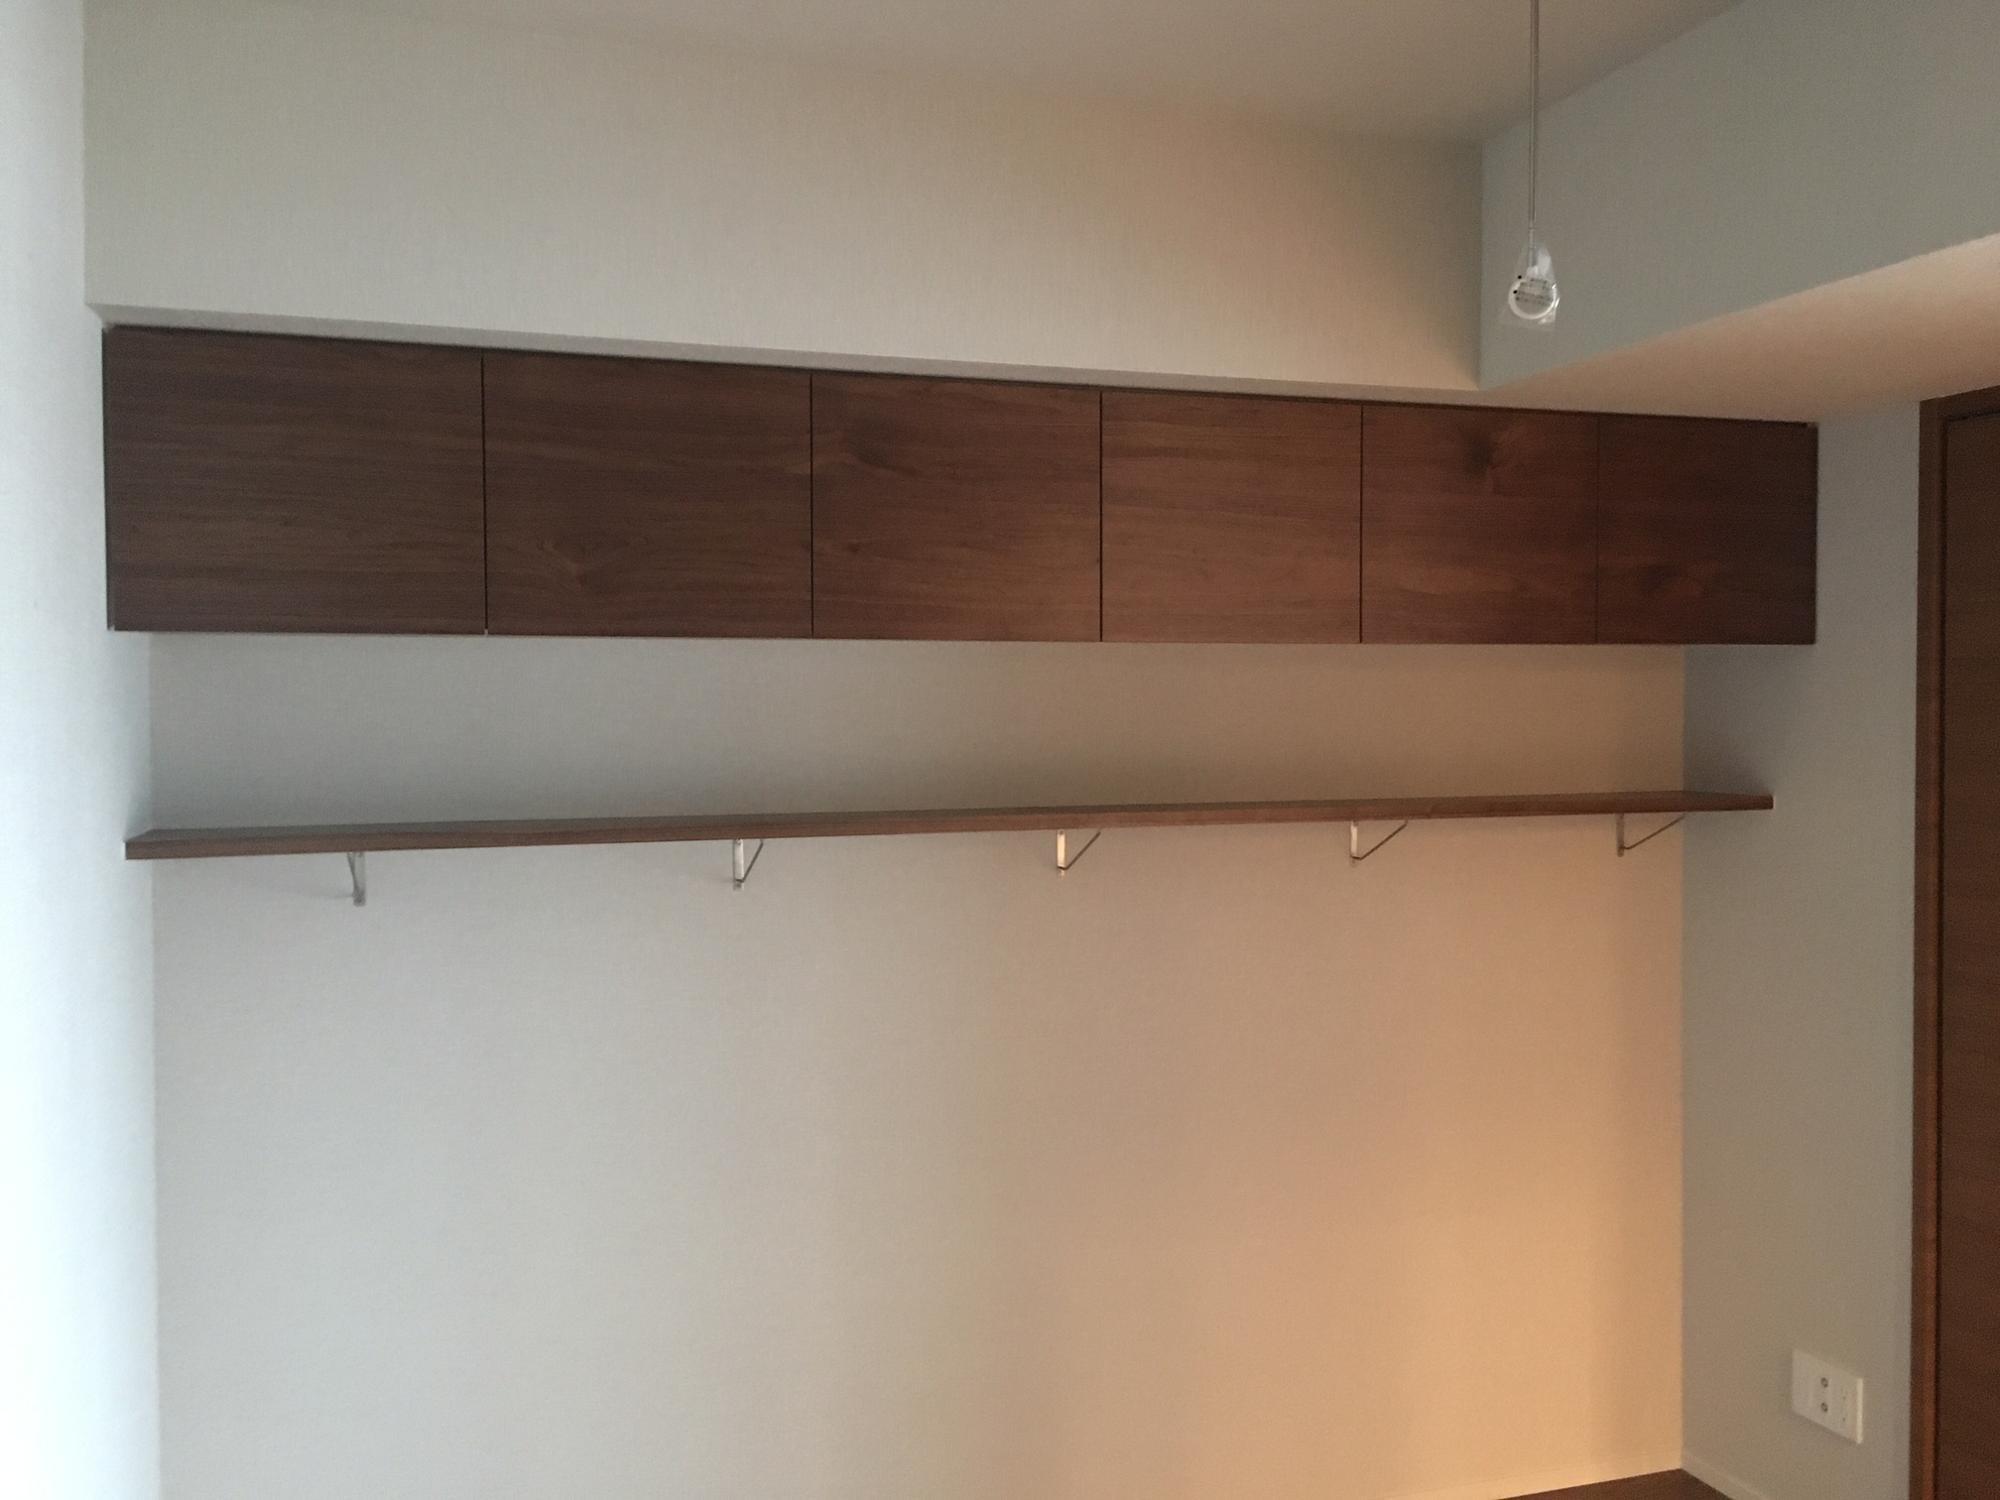 ウォールナット 吊り戸棚 オーダー家具